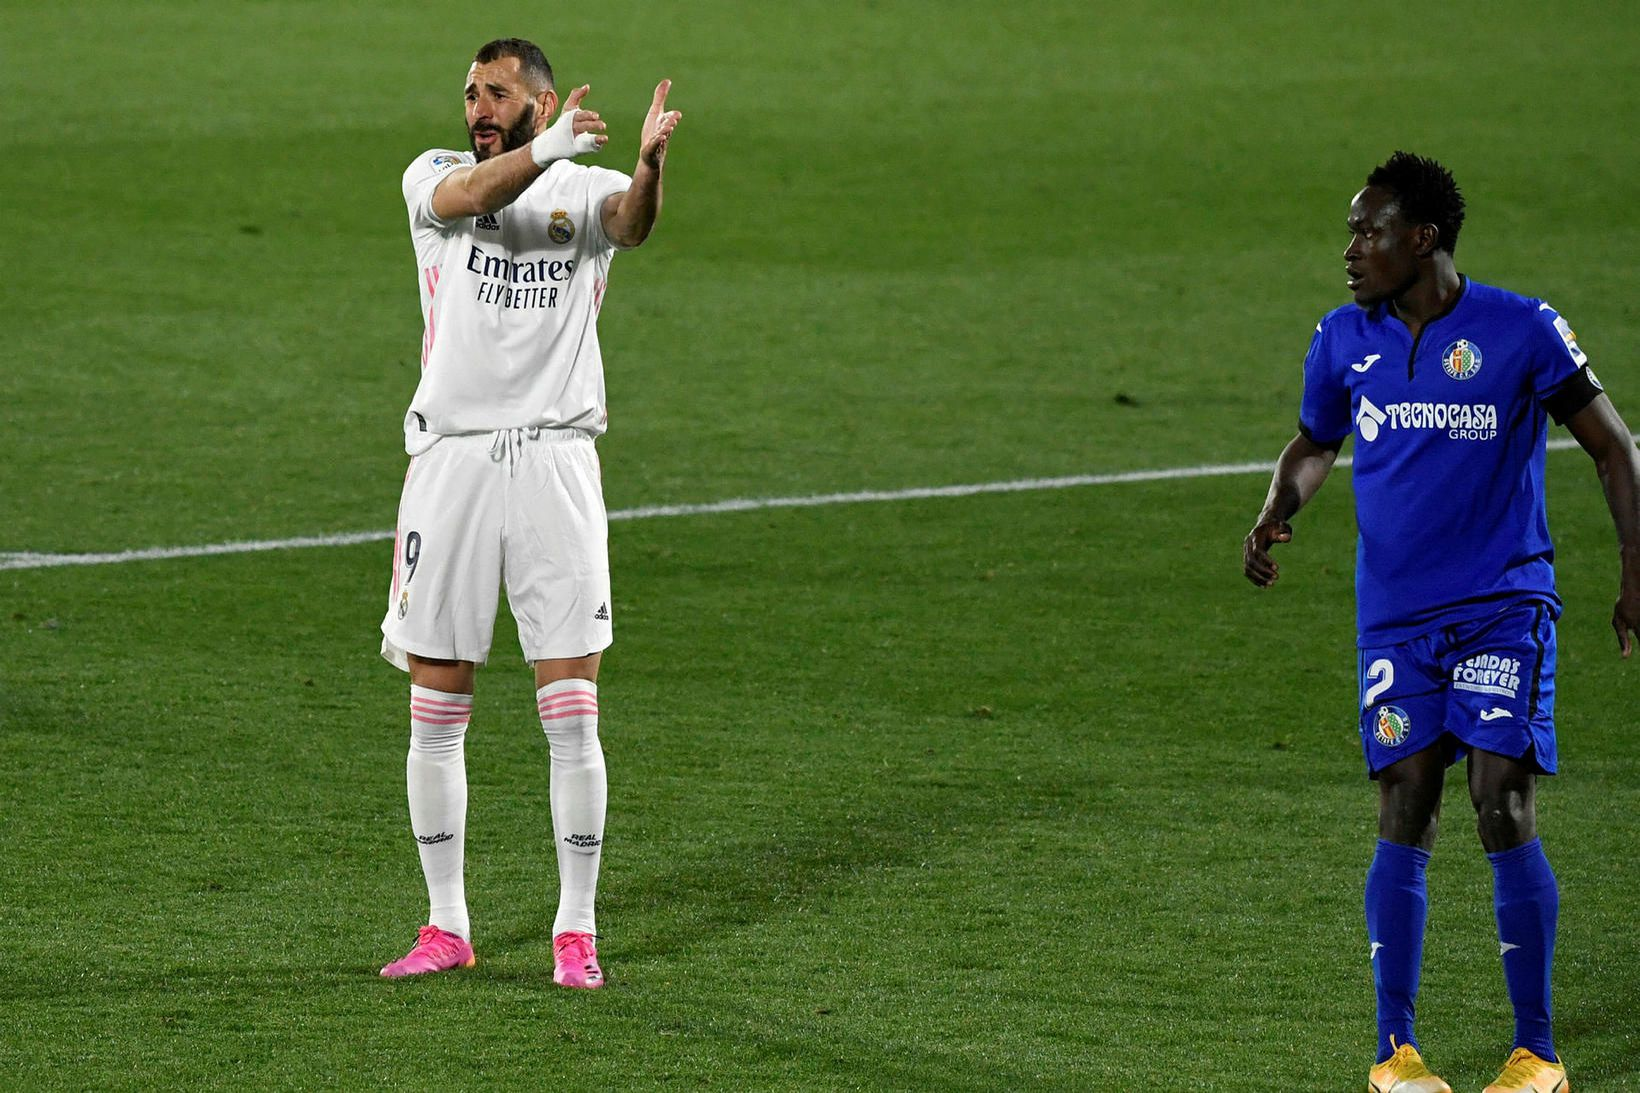 Karim Benzema tókst ekki að skora í kvöld.